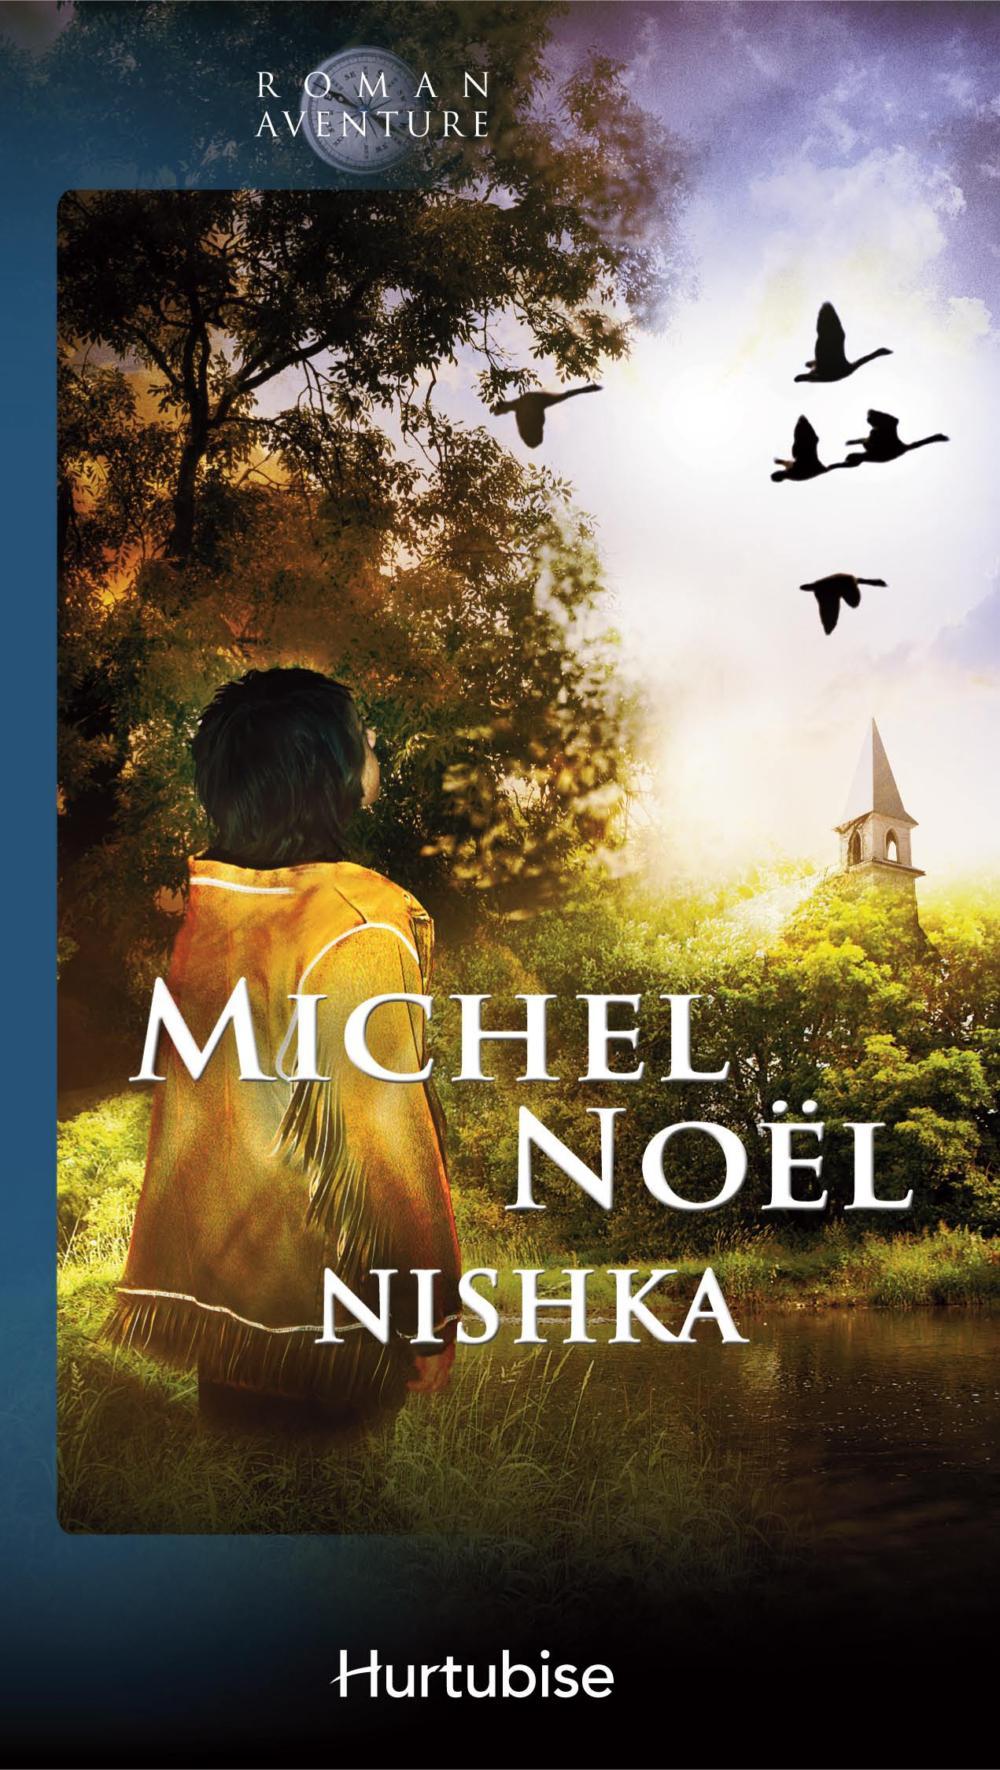 Nishka